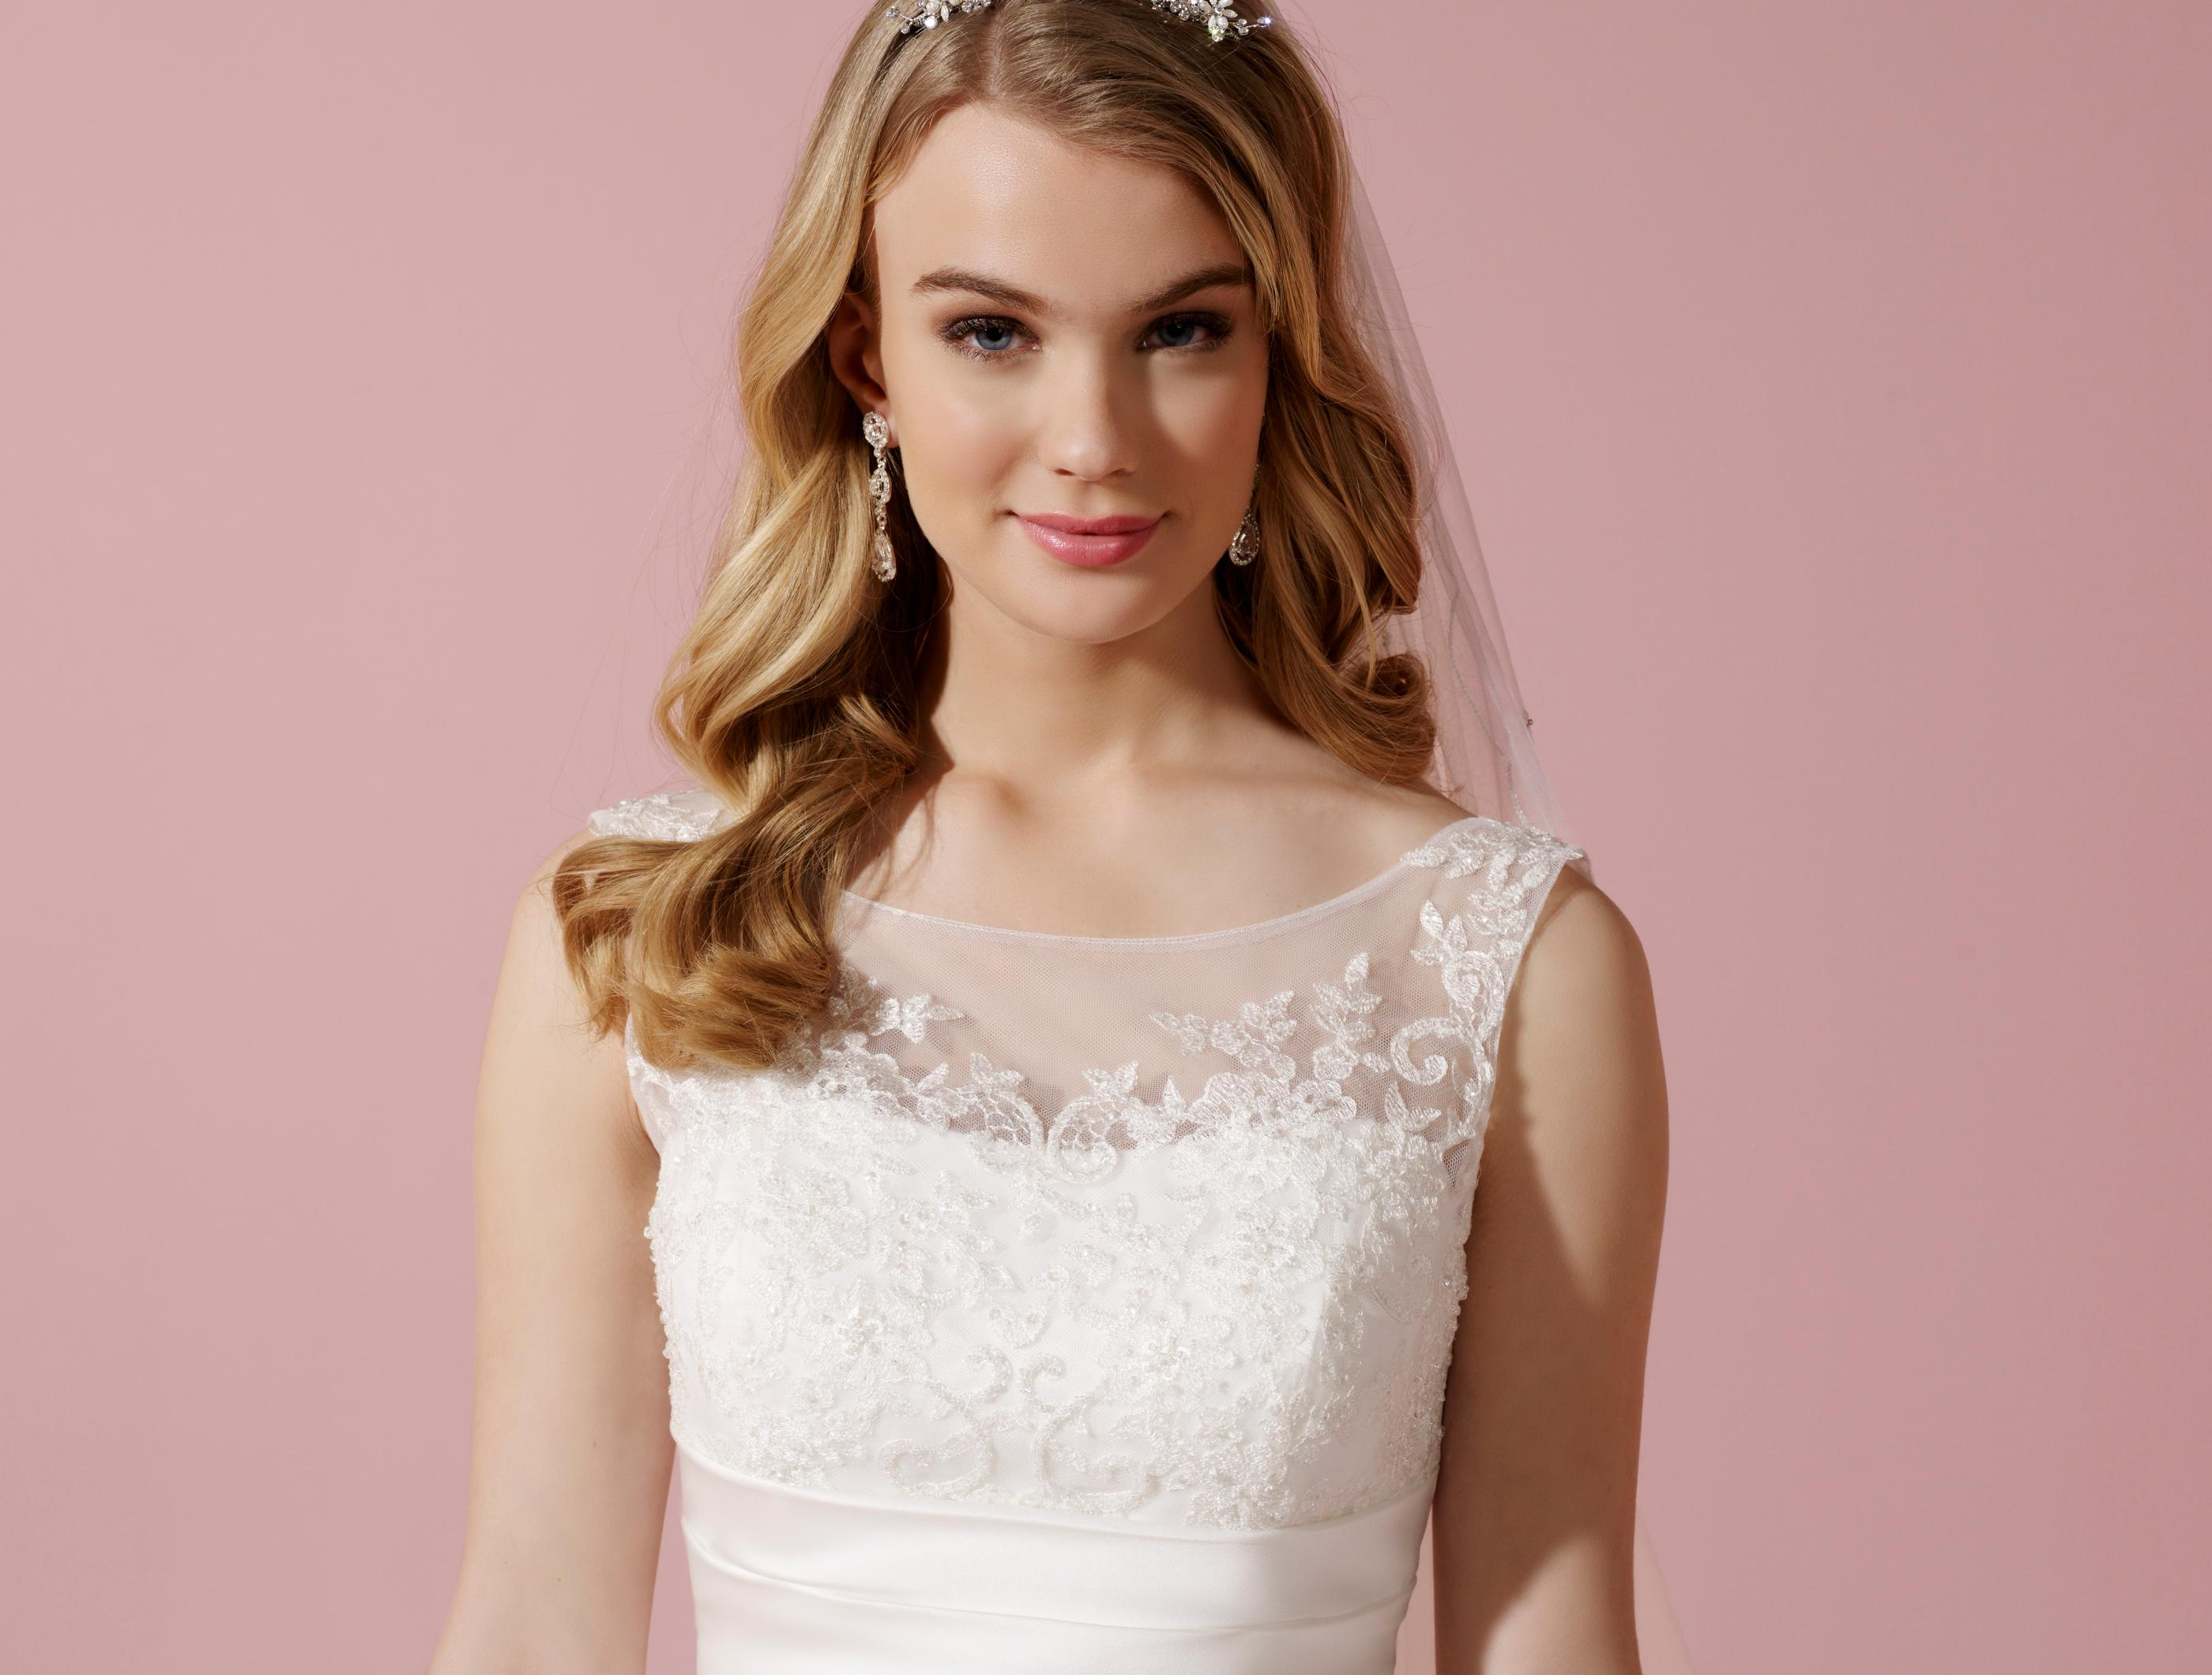 Bezauberndes Satin-Brautkleid mit Illusions-Ausschnitt und Drapierungen